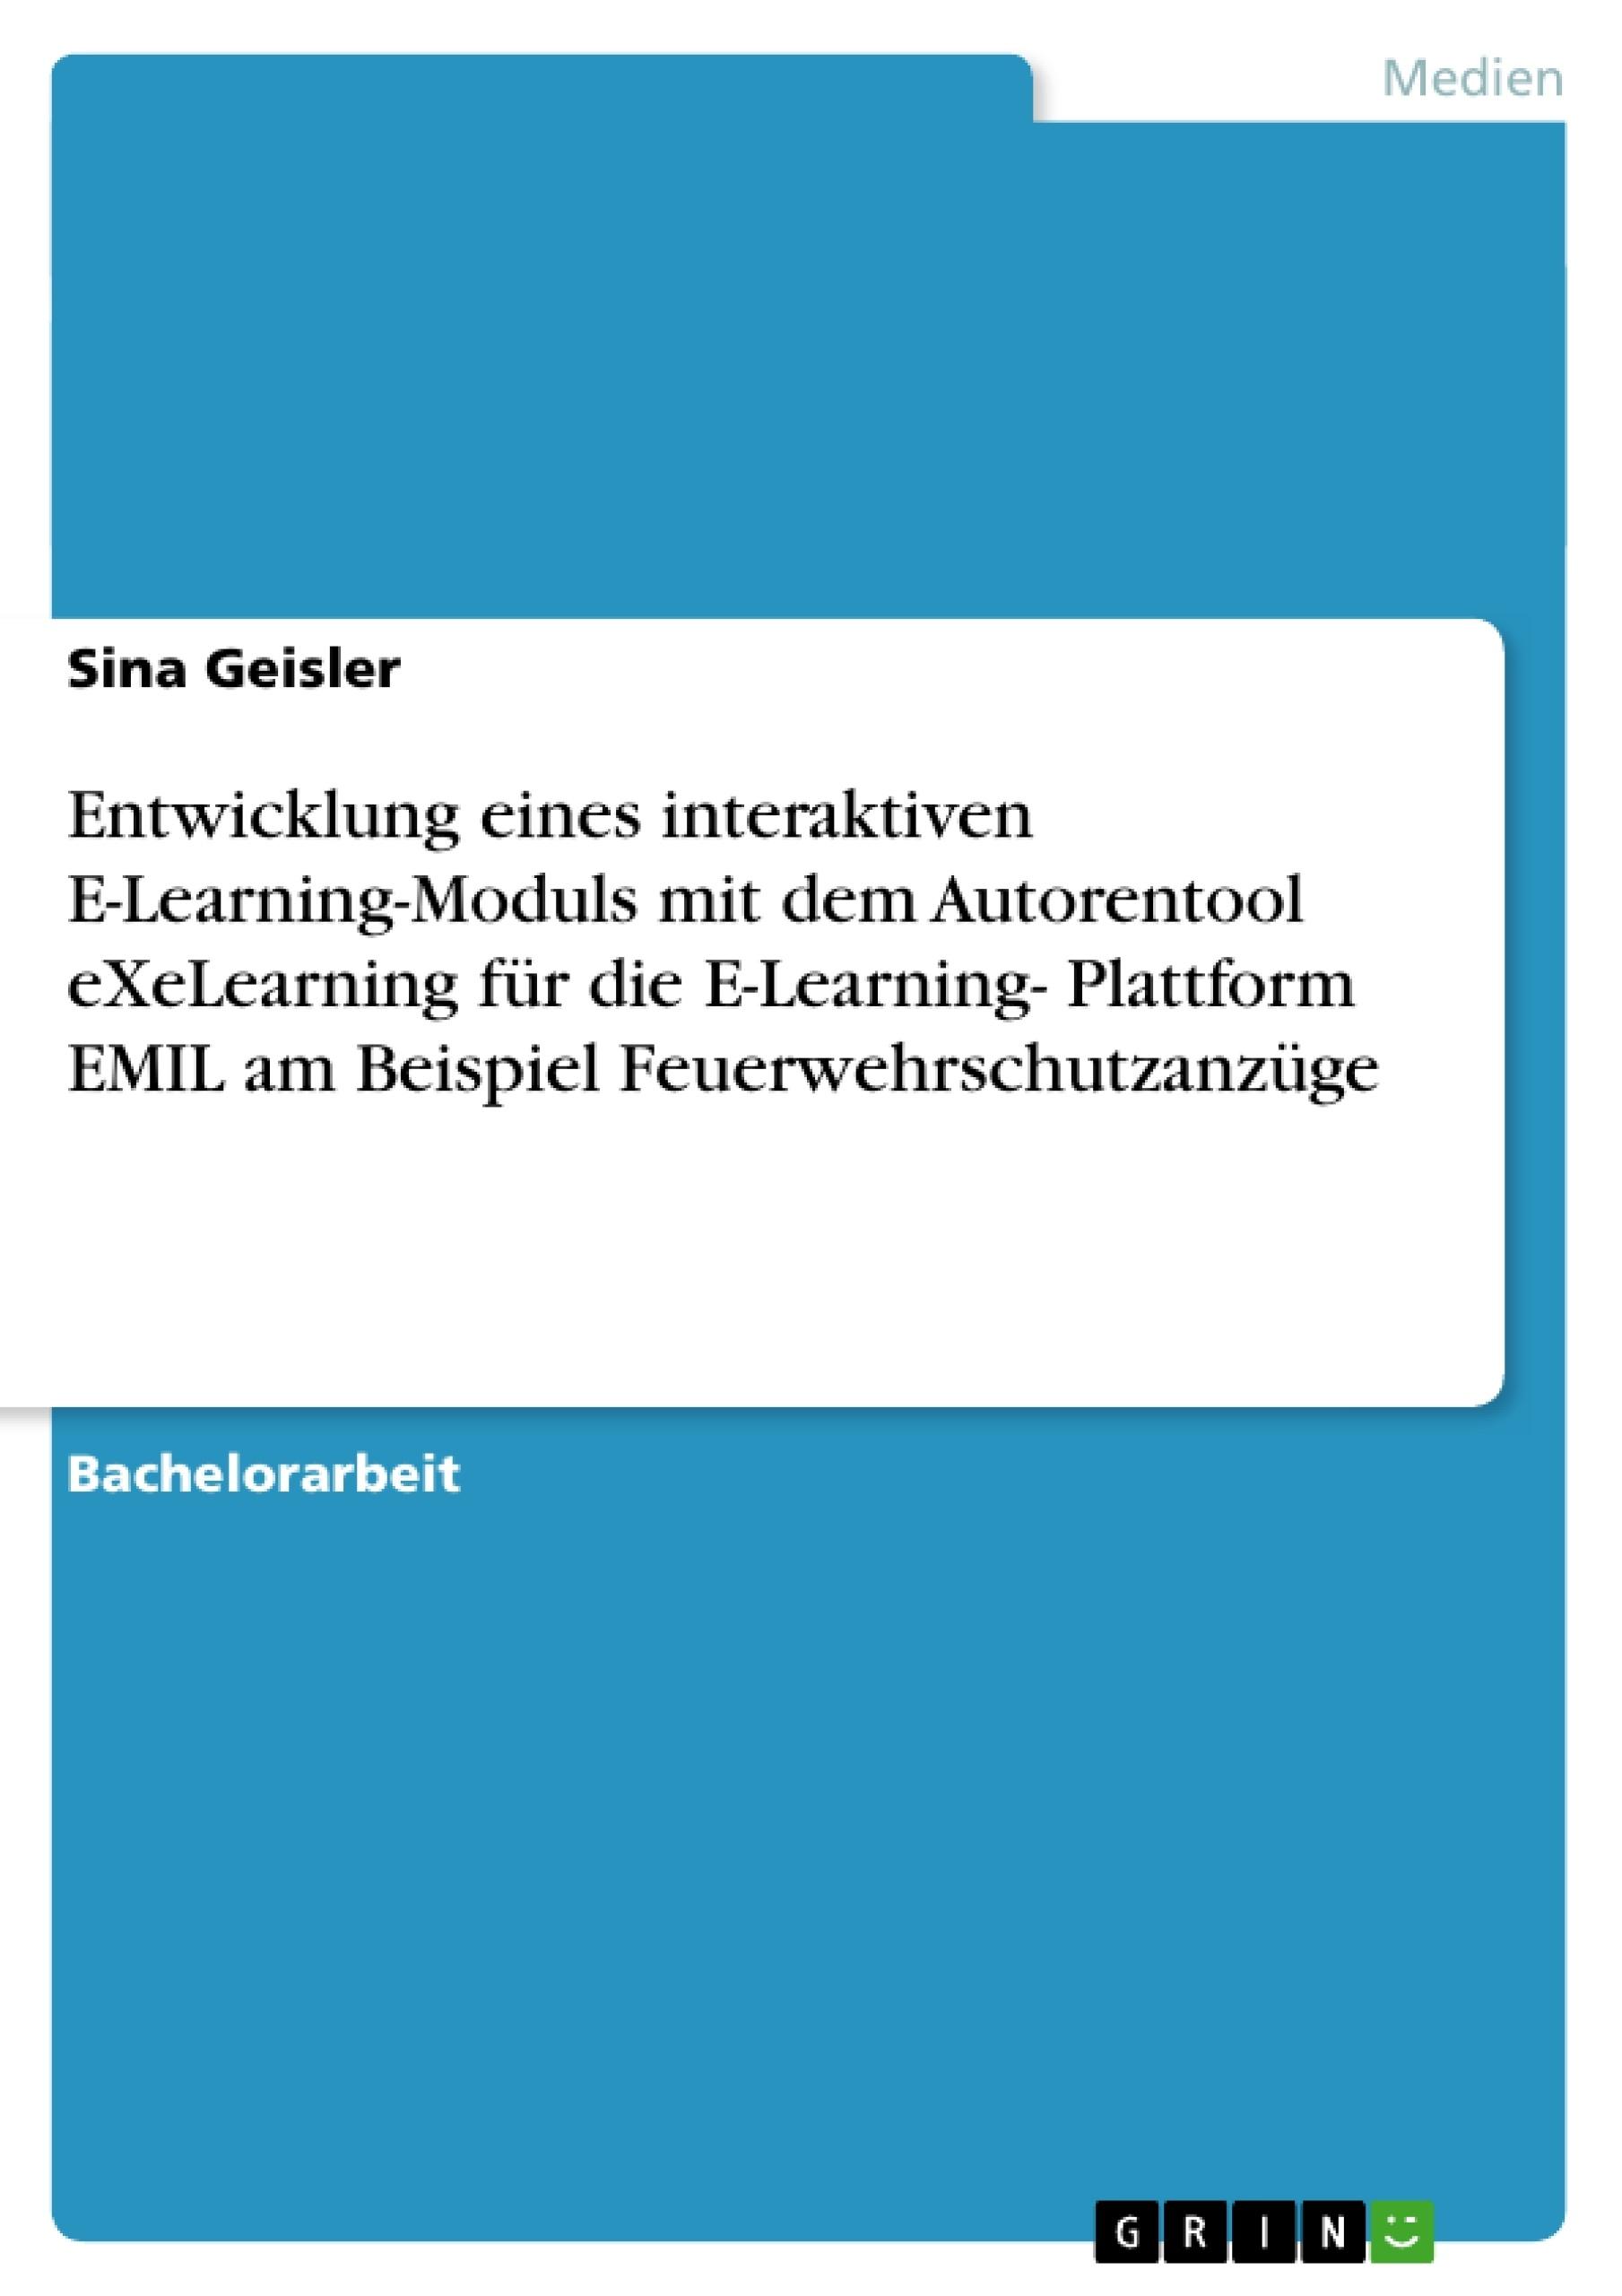 Titel: Entwicklung eines interaktiven E-Learning-Moduls mit dem Autorentool eXeLearning für die E-Learning- Plattform EMIL am Beispiel Feuerwehrschutzanzüge